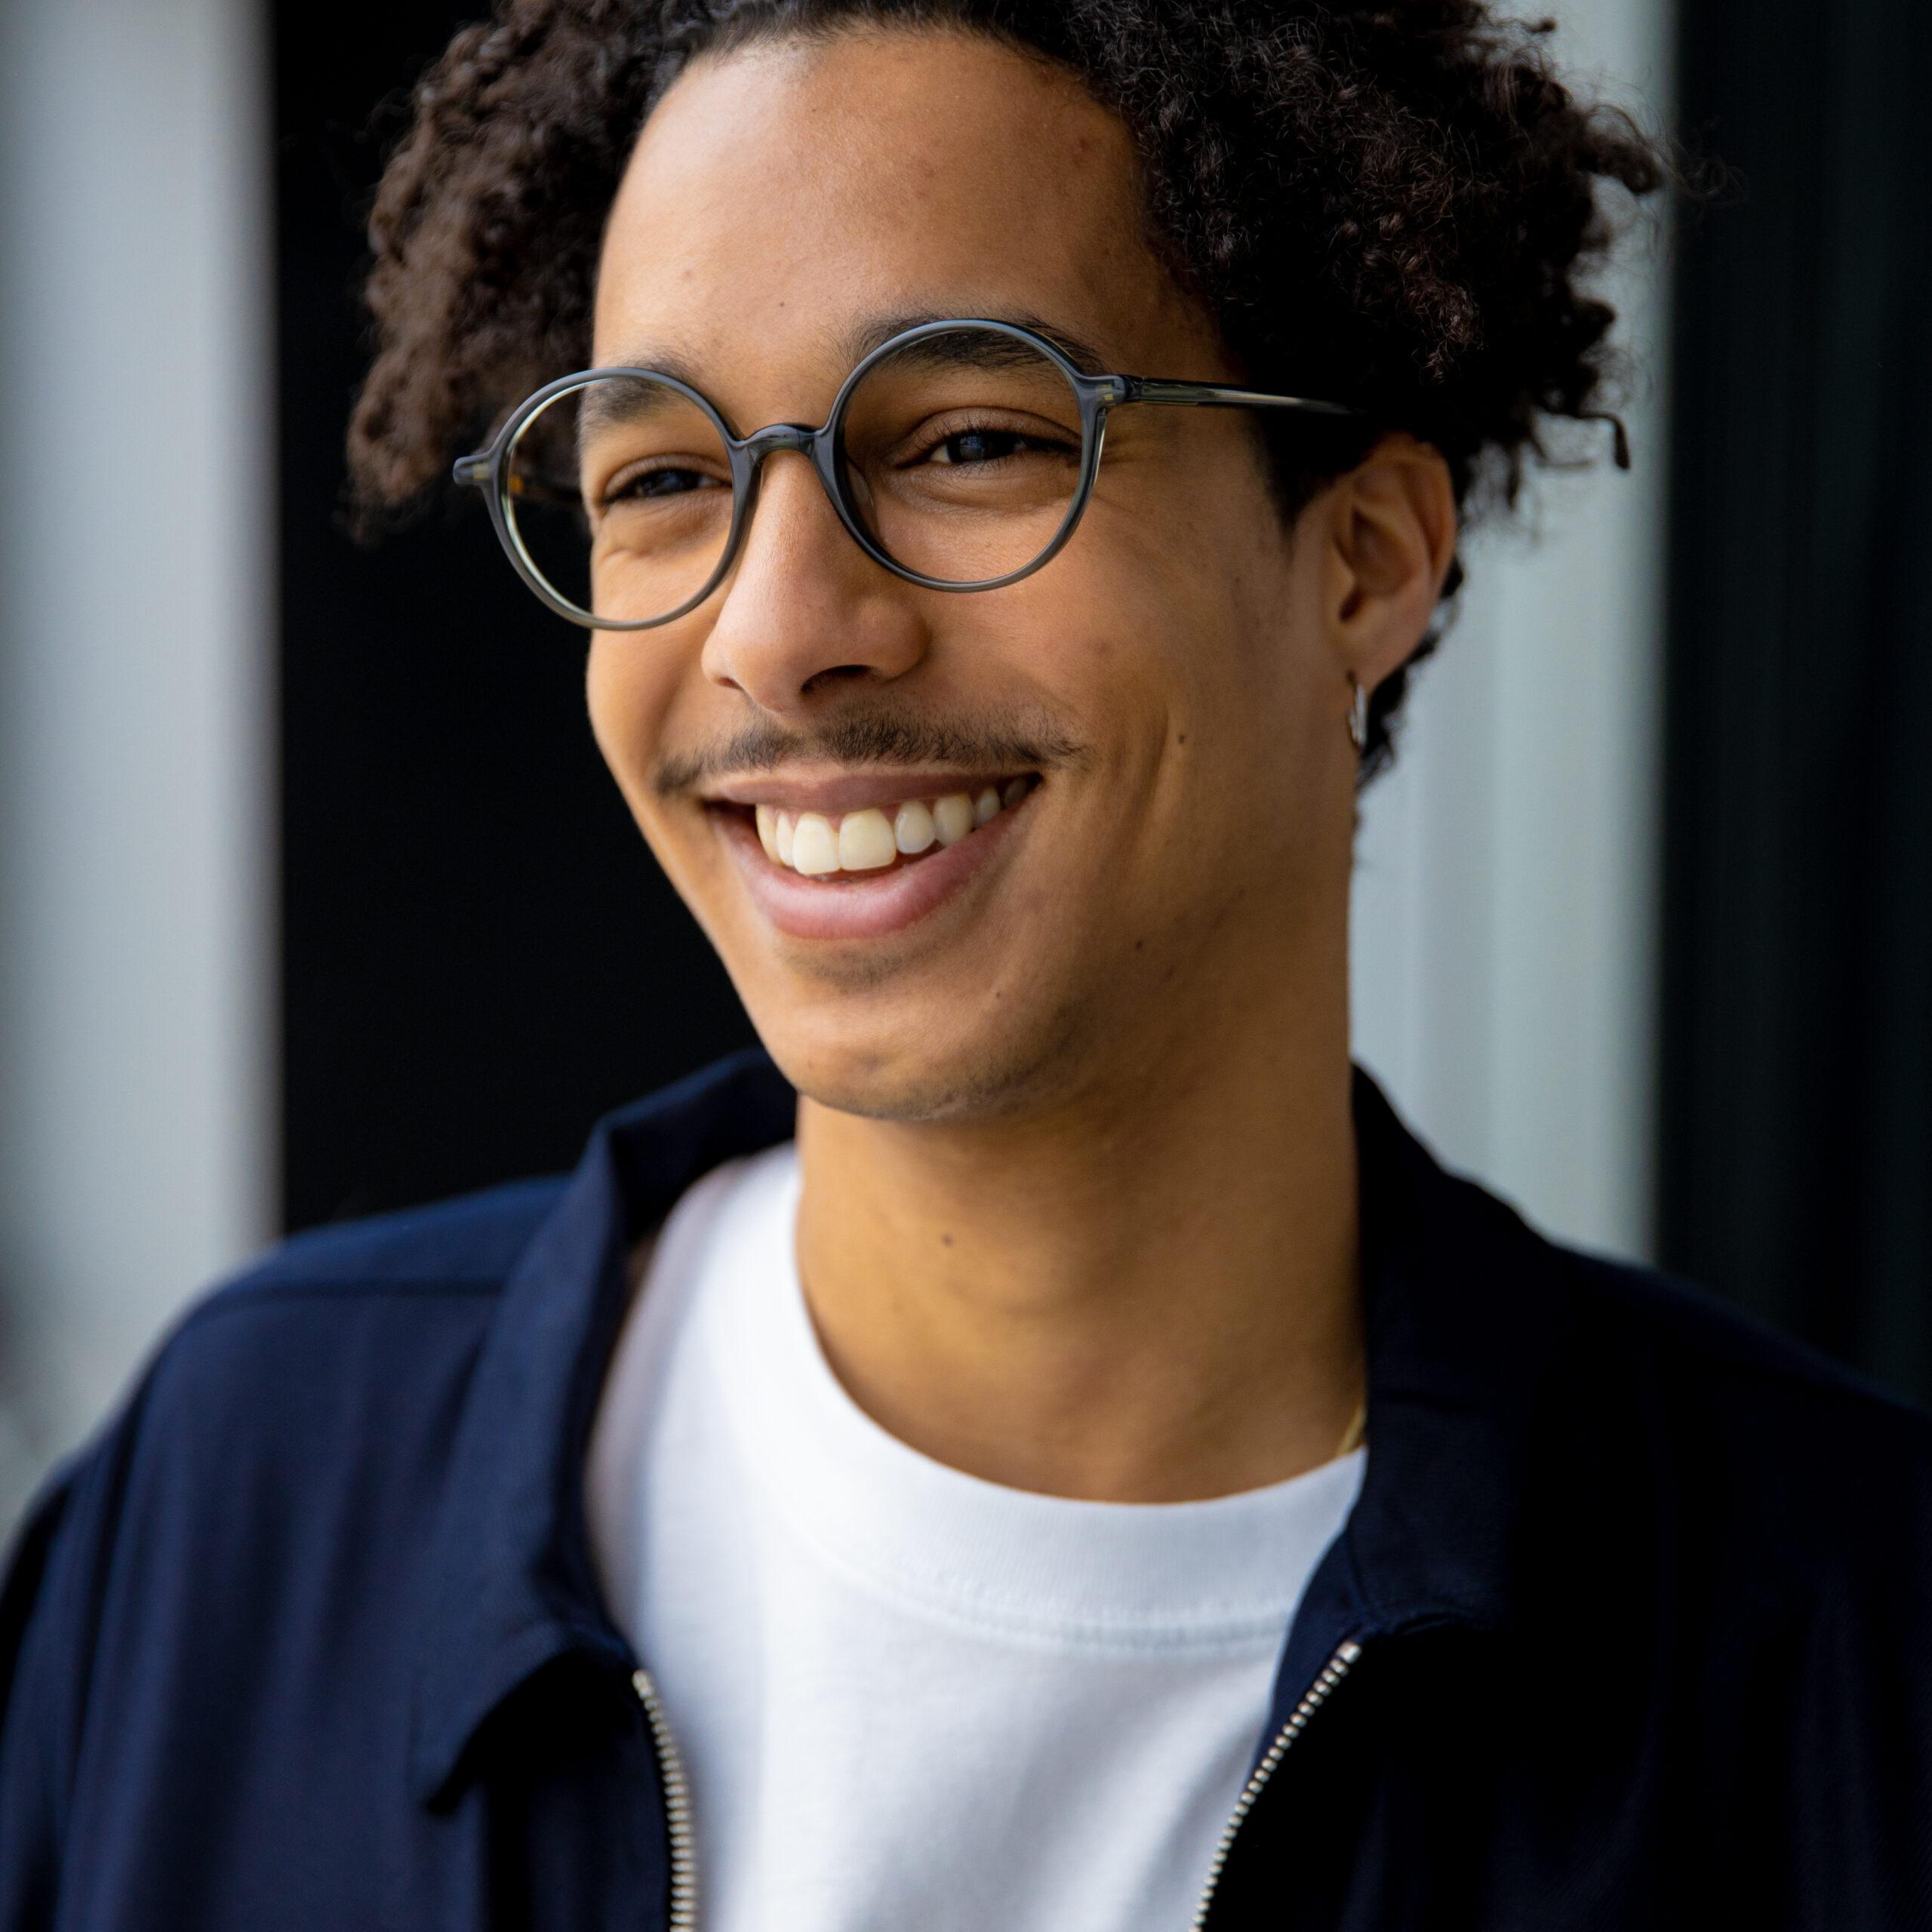 Unifocale bril voor ver of dichtbij • Frames and Faces Deinze